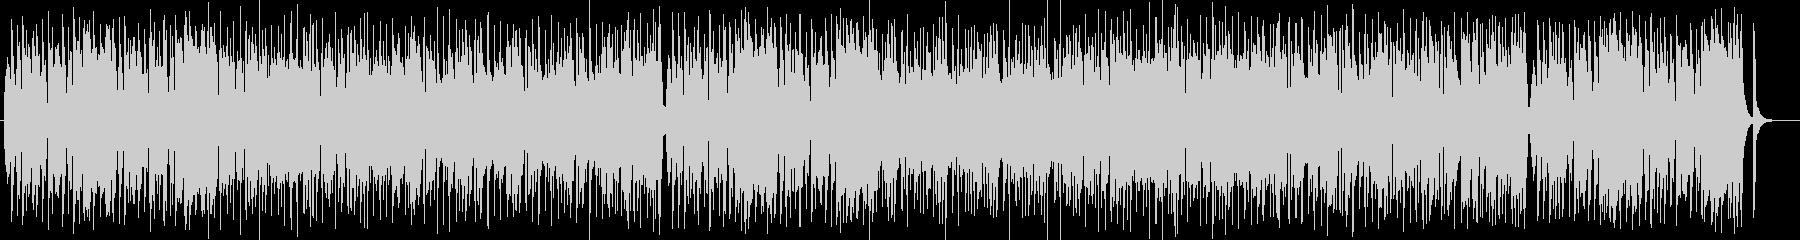 可愛く楽しげなシンセサイザーサウンドの未再生の波形